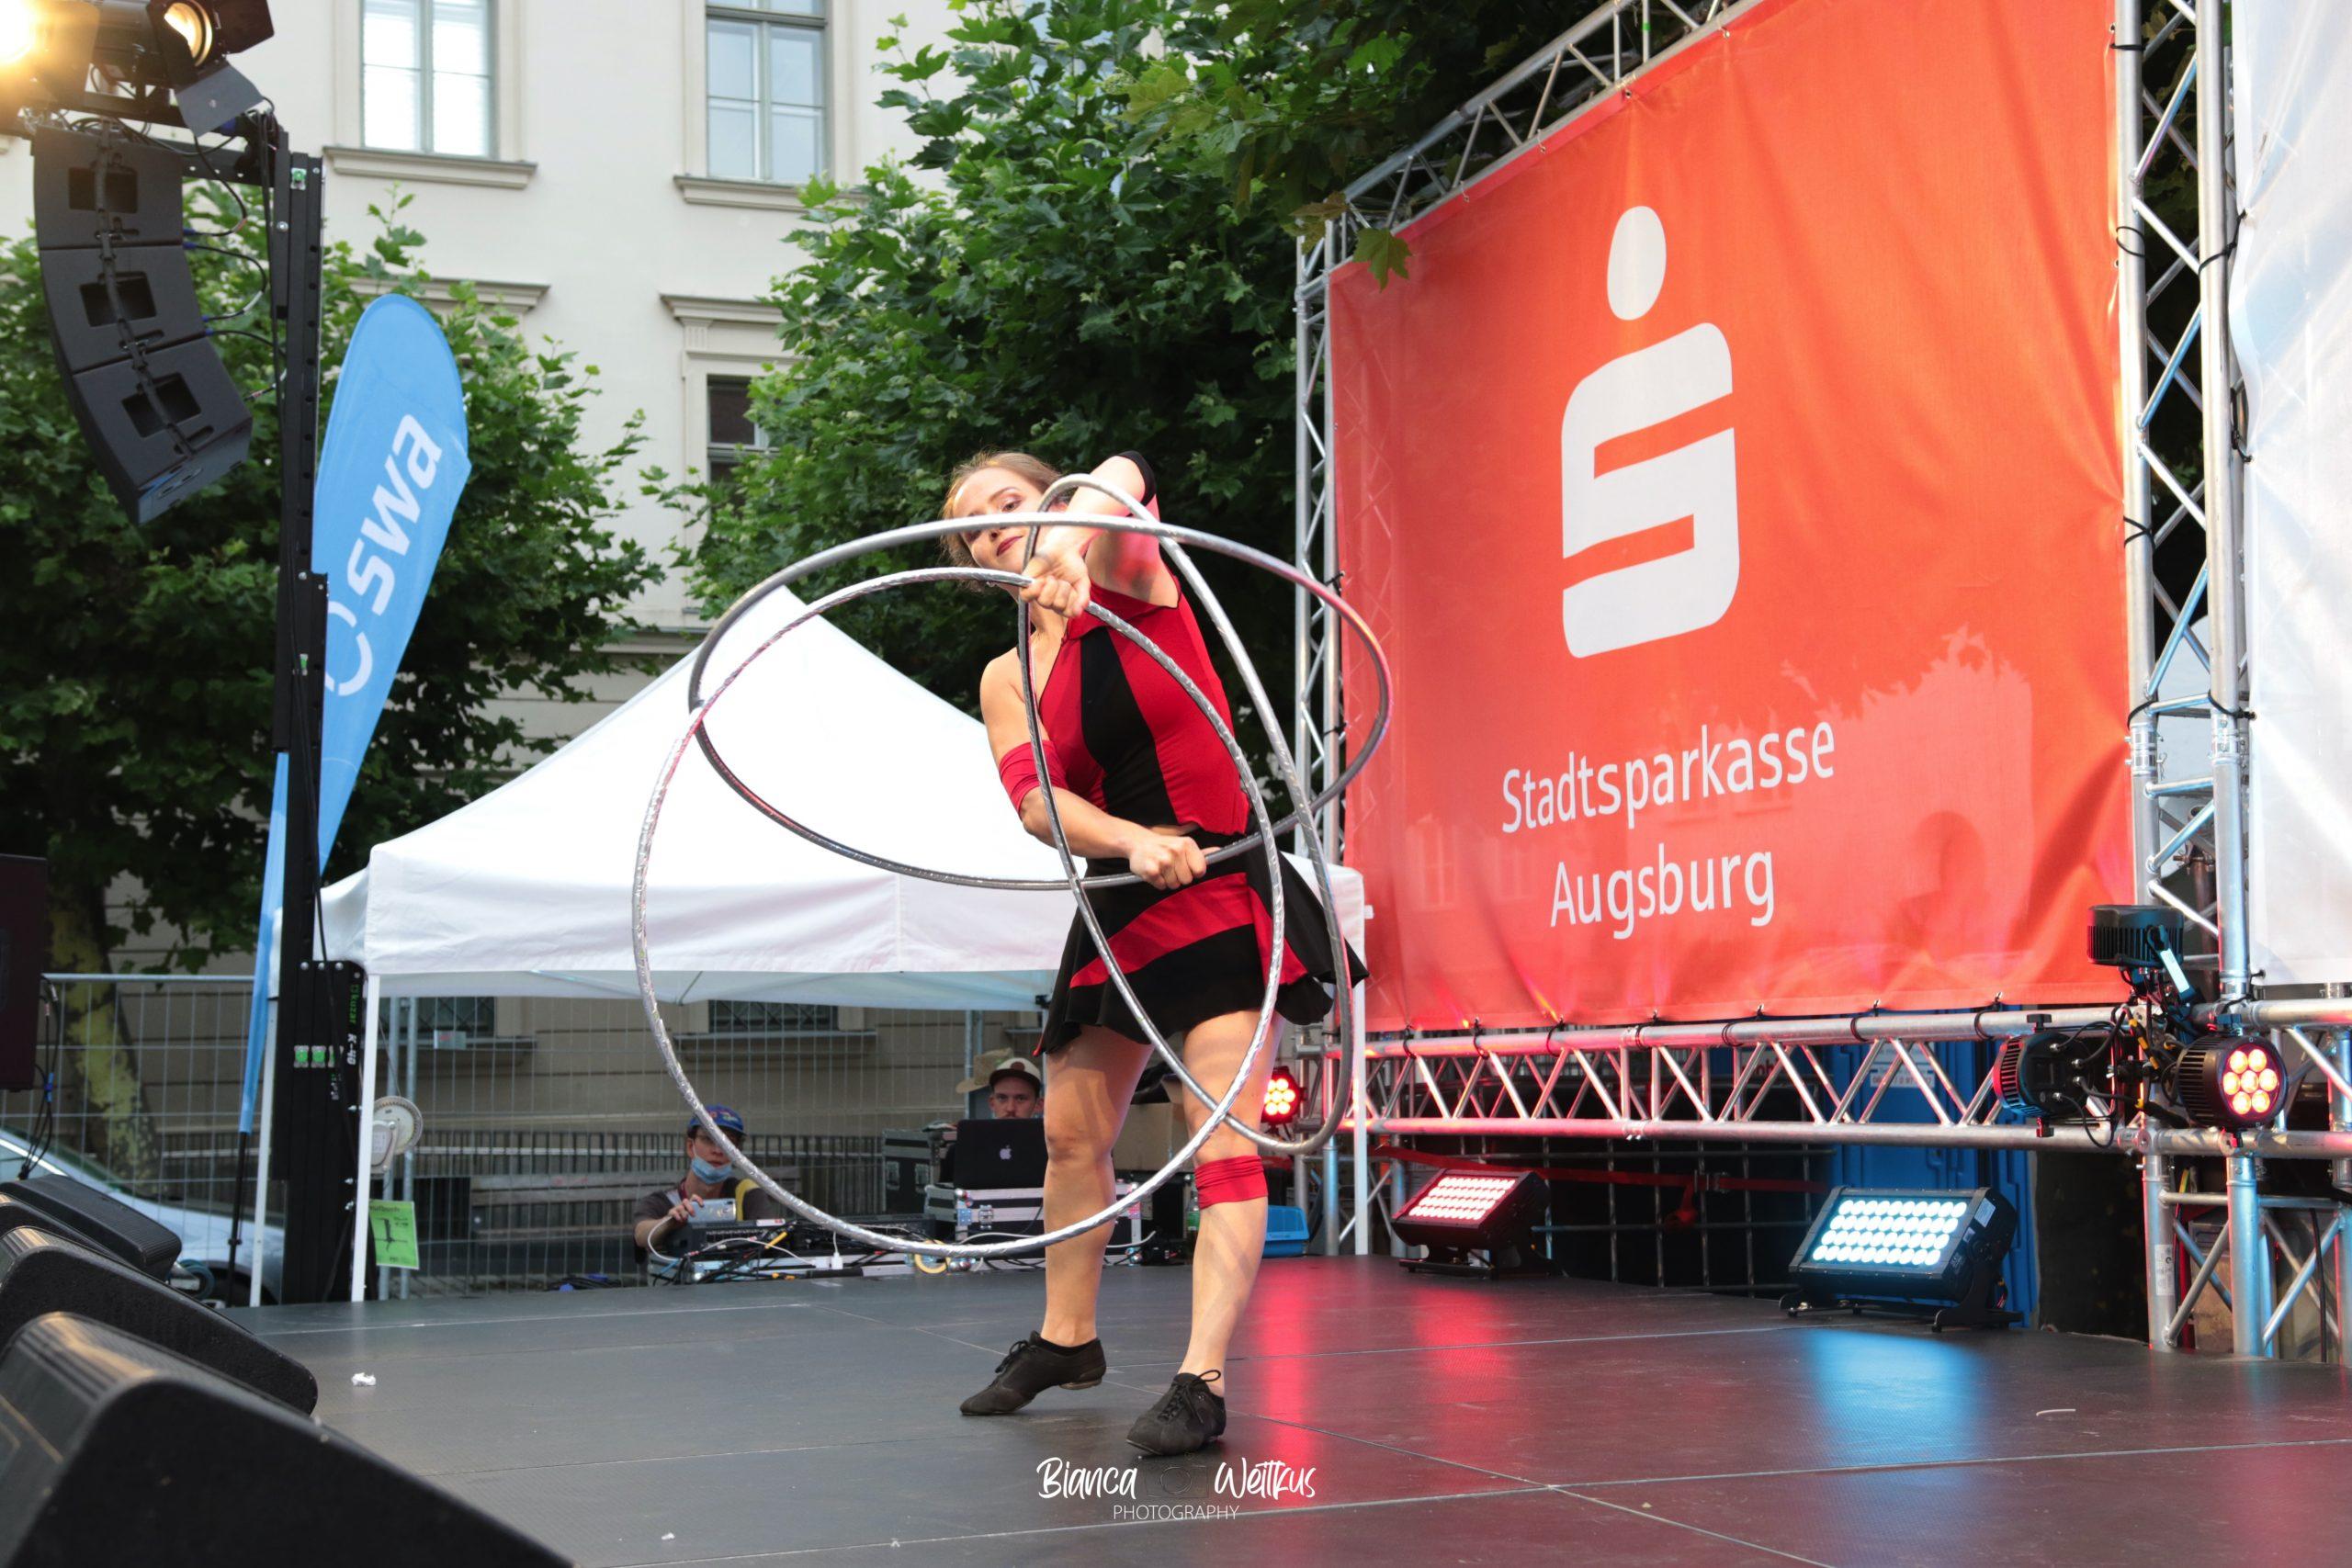 Veranstaltungstechnik Augsburg